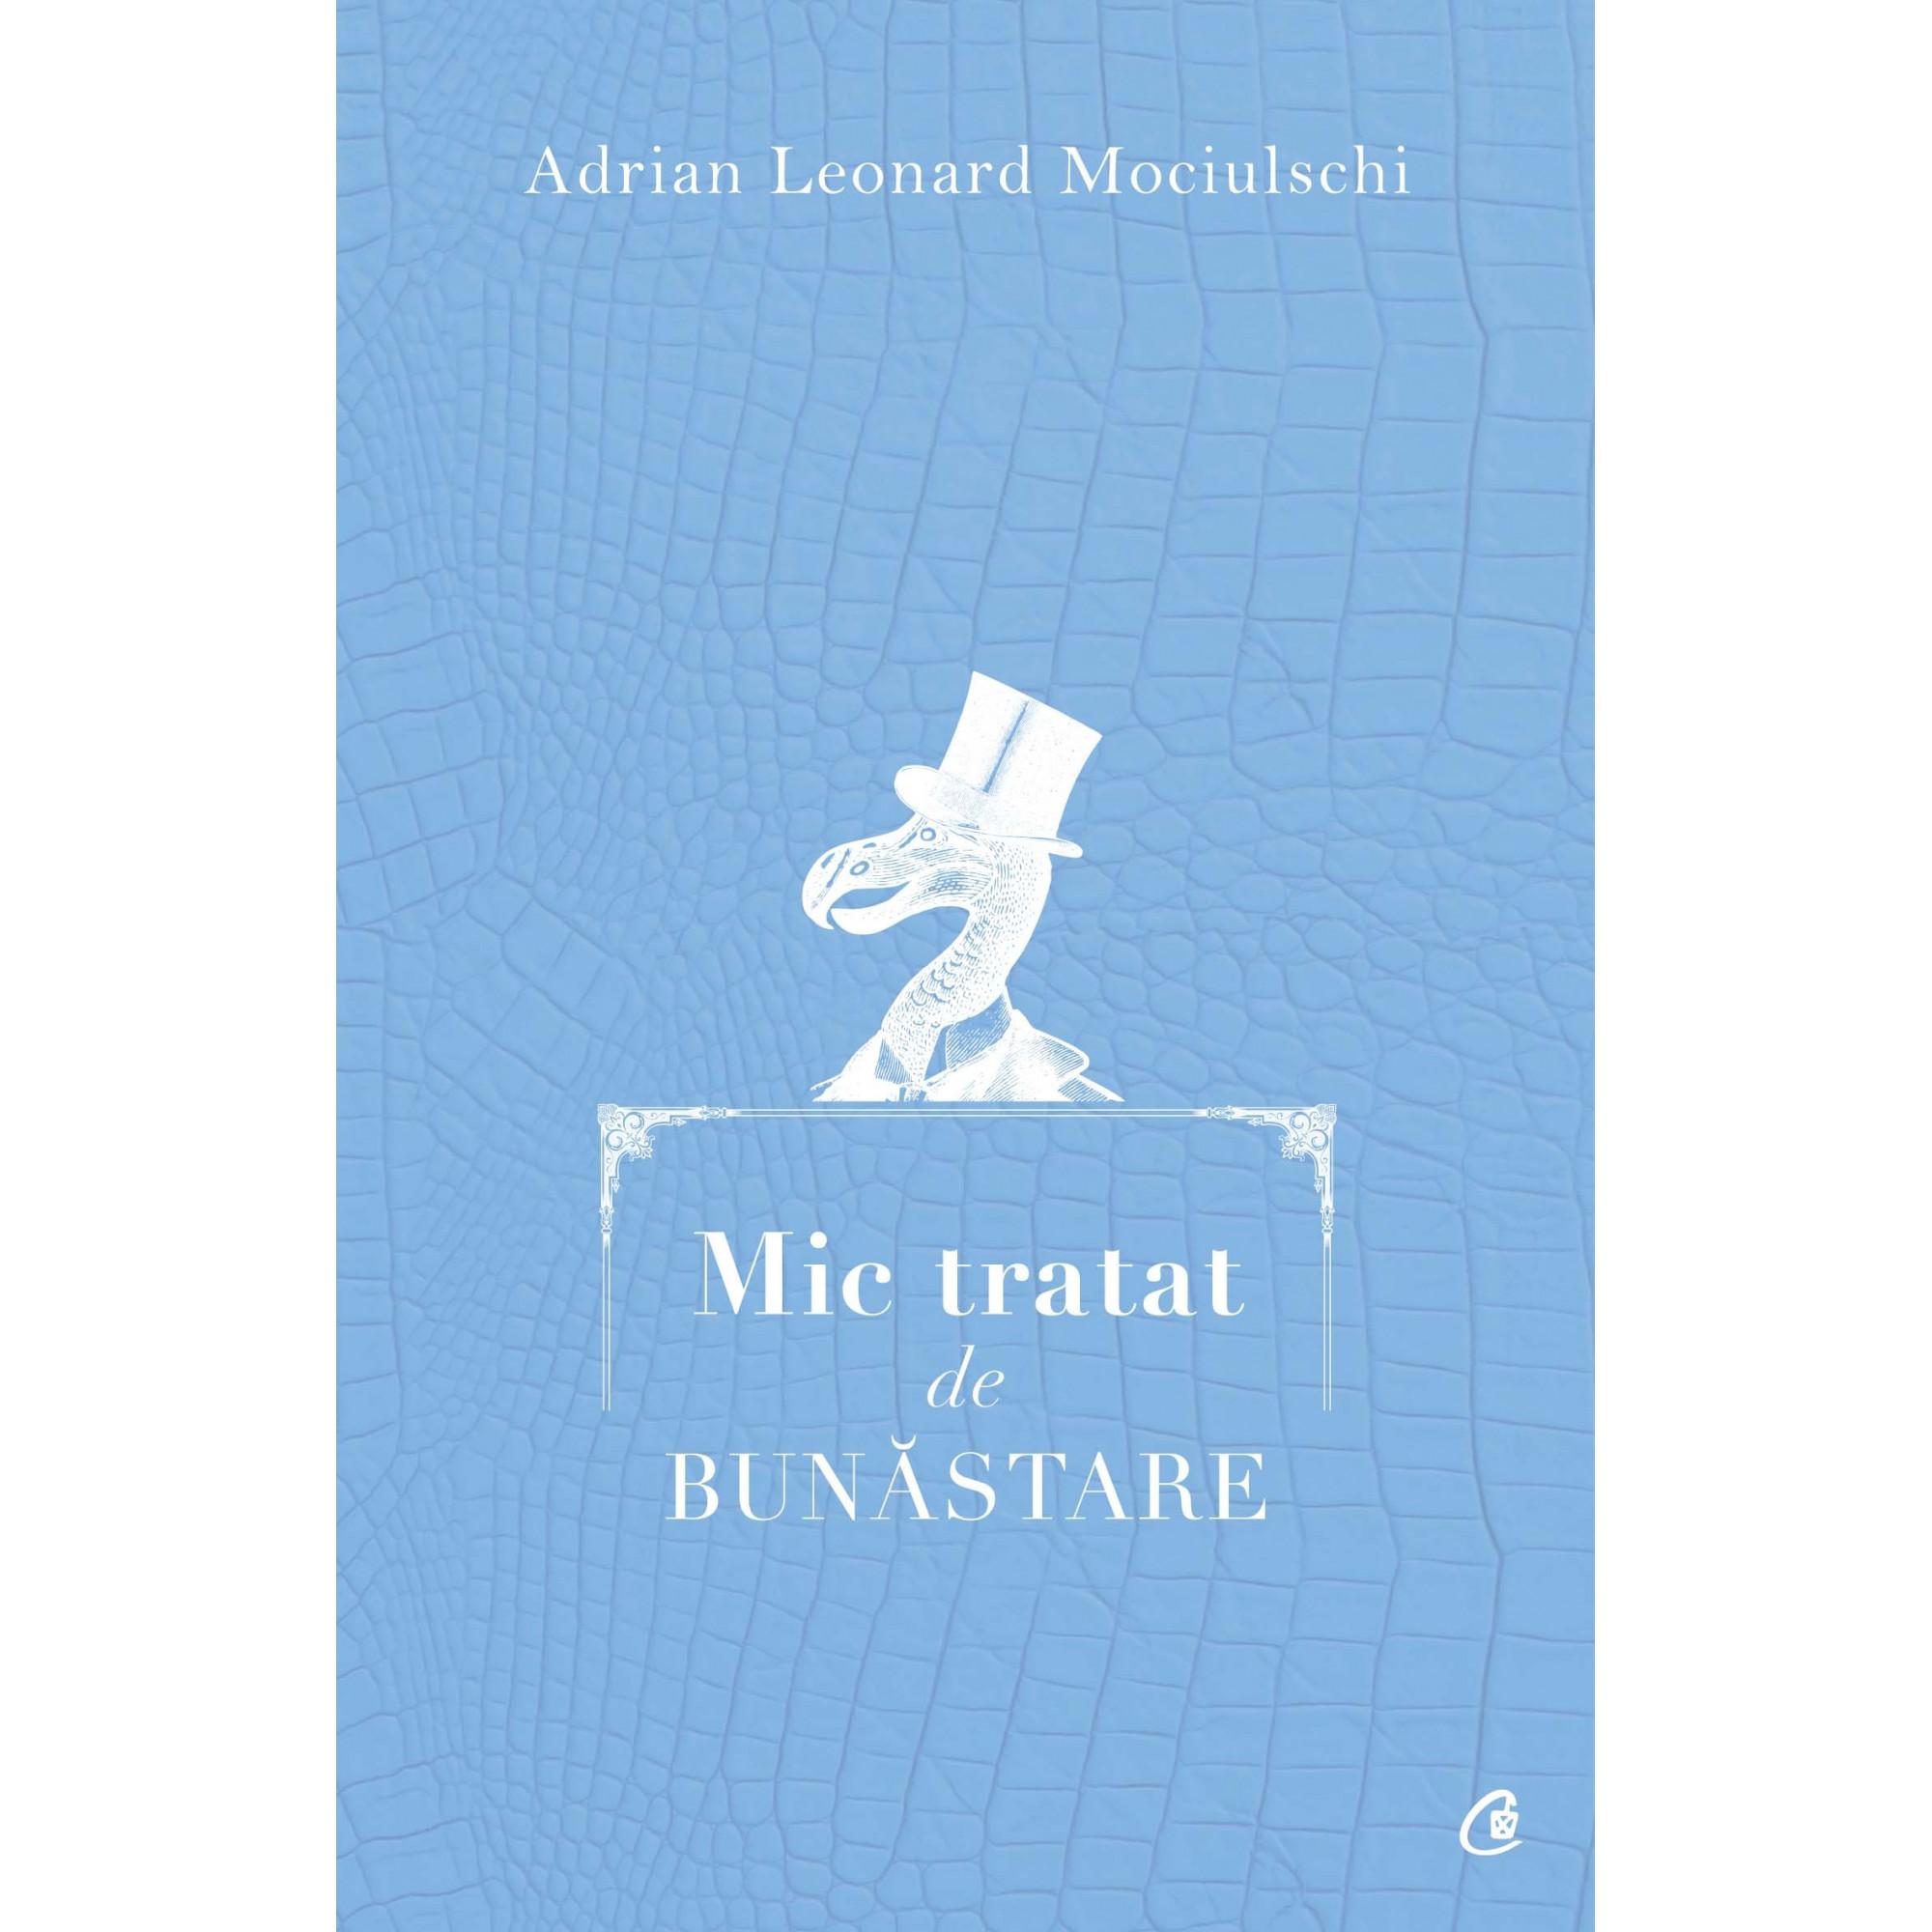 Mic tratat de bunăstare; Adrian Leonard Mociulschi